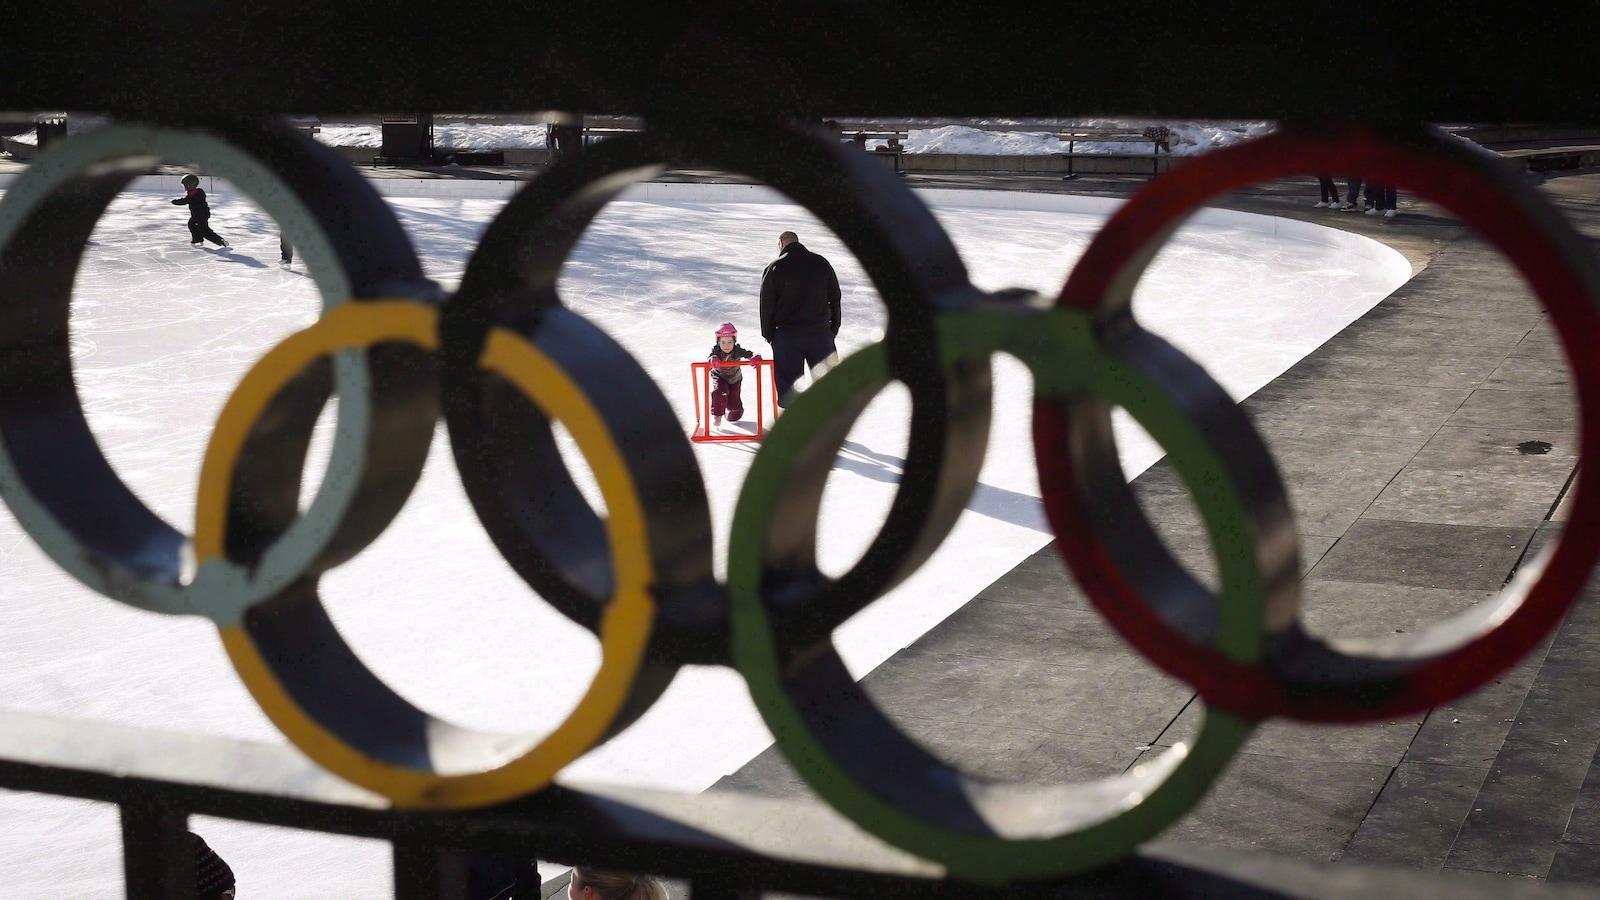 On l'entrevoit au travers des anneaux olympiques.